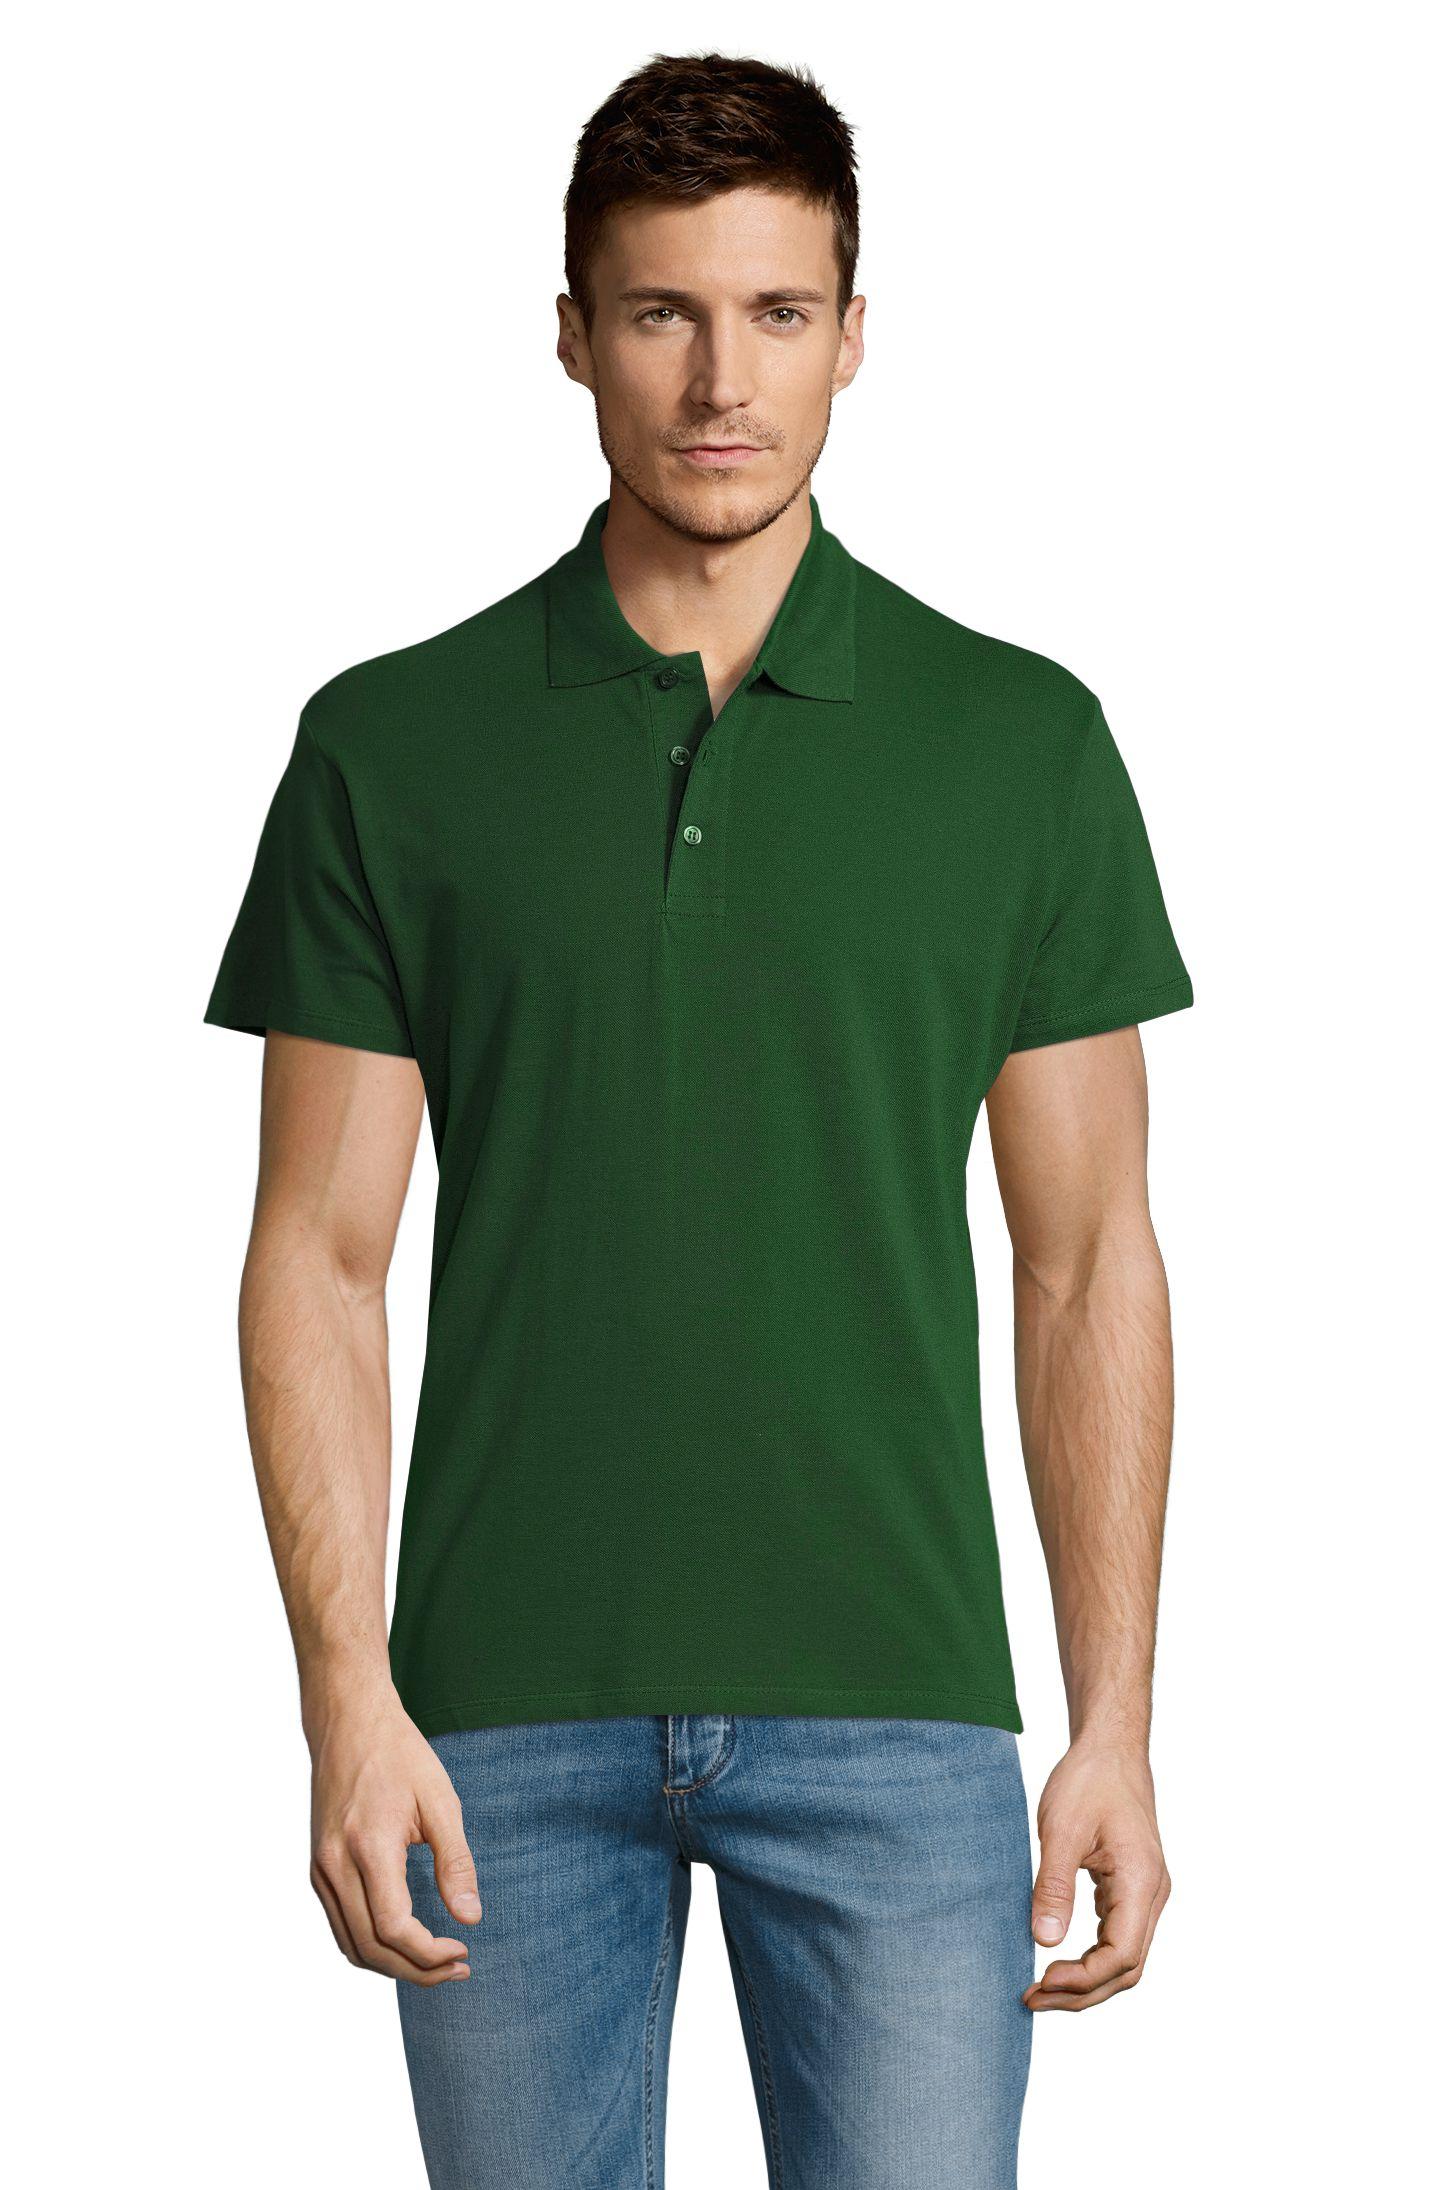 275 - Vert golf